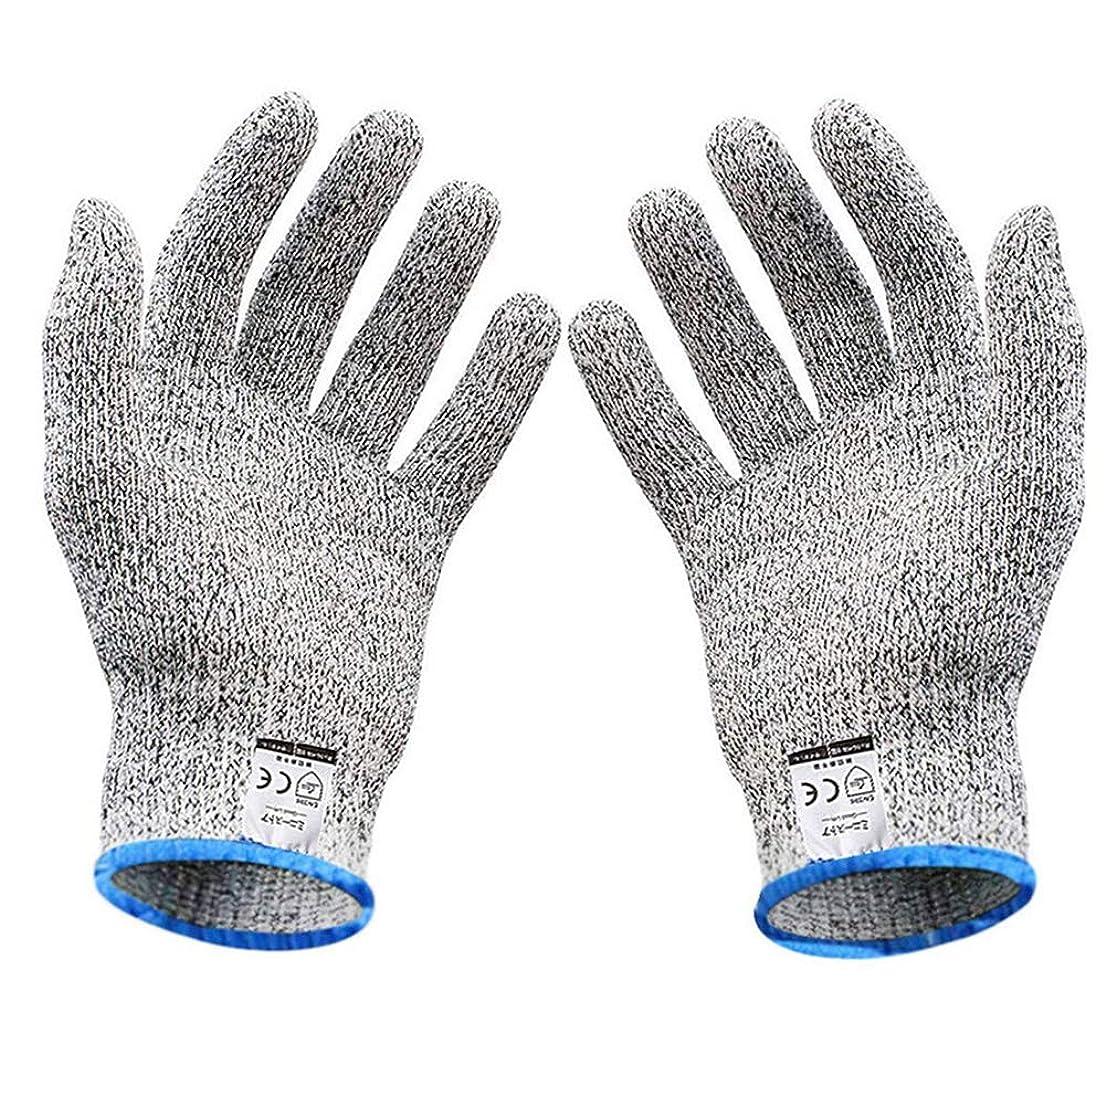 コイン気味の悪い圧力軍手 防刃 防刃手袋 作業用 手袋 作業グローブ 切れない手袋 耐切創手袋 (L(防刃5級))